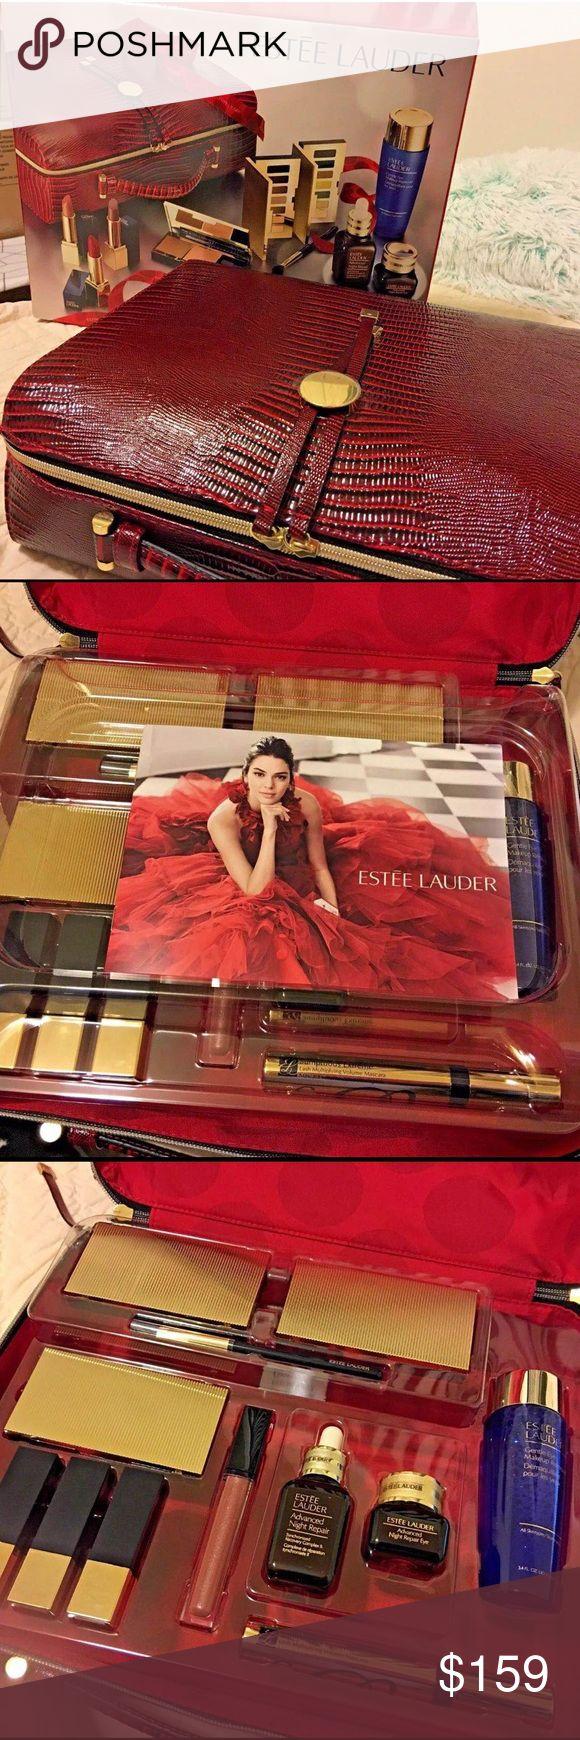 NWT Estée Lauder 13pc makeup set 12 Full size 1.Advanced night repair 30ml2.Advanced night repair eye gel creme 15ml3.pure color envy eyeshadow  palettes- day (7color)4.pure color envy eyeshadow  palettes- night (7color)5.Pure color envy blush palette (with bronzer+luminizer)6.sumptuous extreme mascara7. Eye makeup remover100ml8. Eyeshadow brush9.Pure color envy lipstick vengeful red10.Pure color envy lipstick irresistible11.Pure color envy lipstick insatiable ivory12.Pure color envy lip…